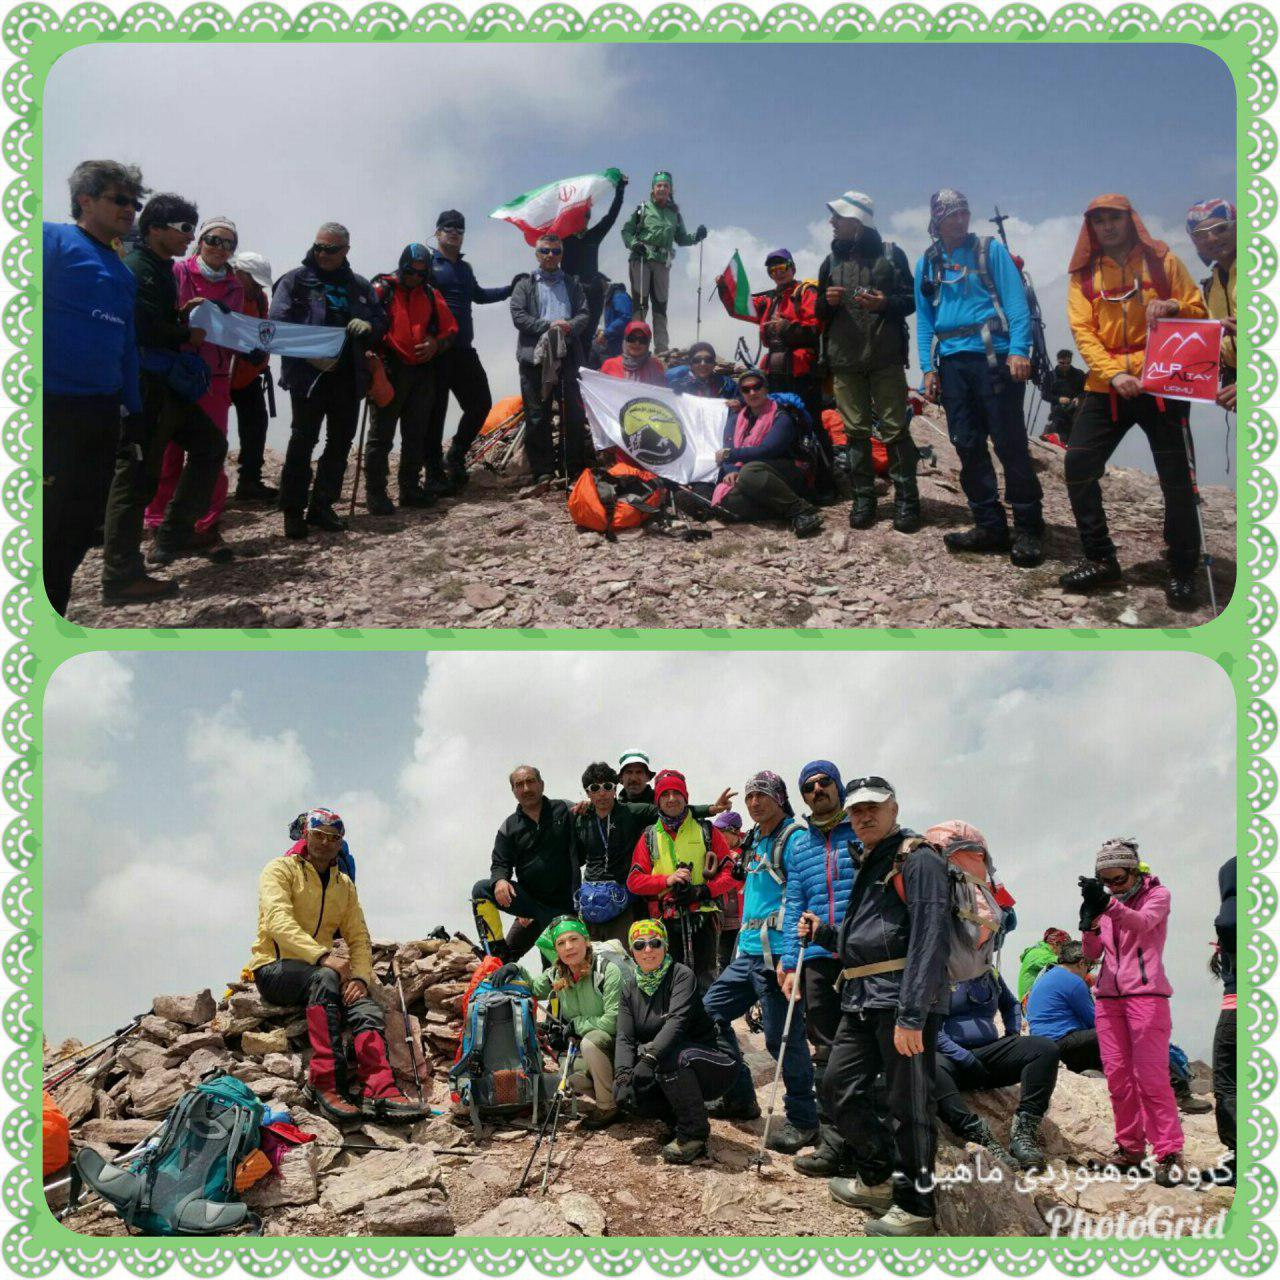 گزارش برنامه صعود به قله دالامپر و گردش در اطراف دریاچه